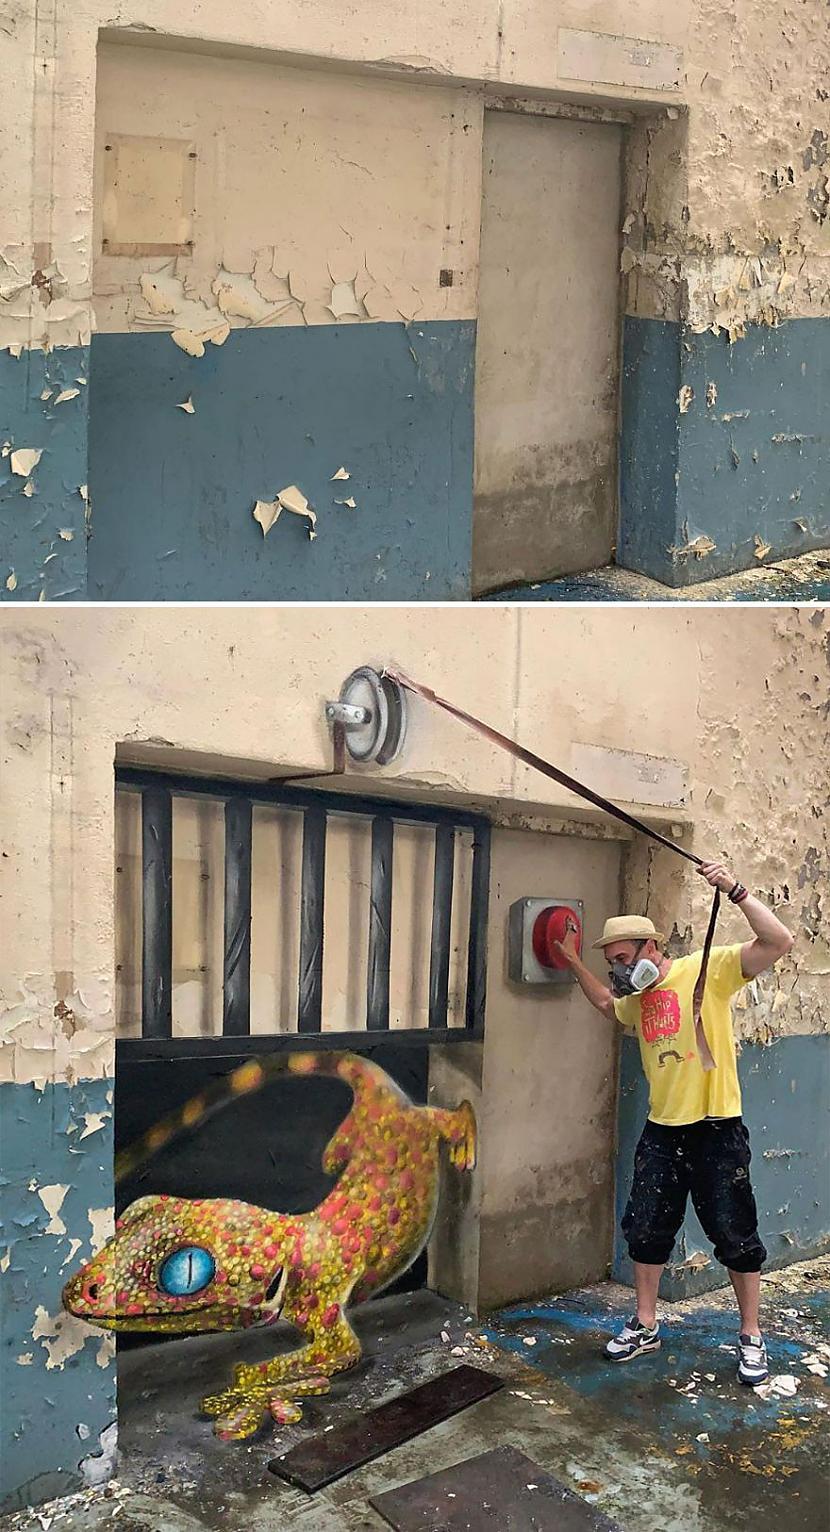 Autors: Zibenzellis69 Jaunā franču ielu mākslinieka SCAF hiperreālistisks grafiti (30 fotoattēli)